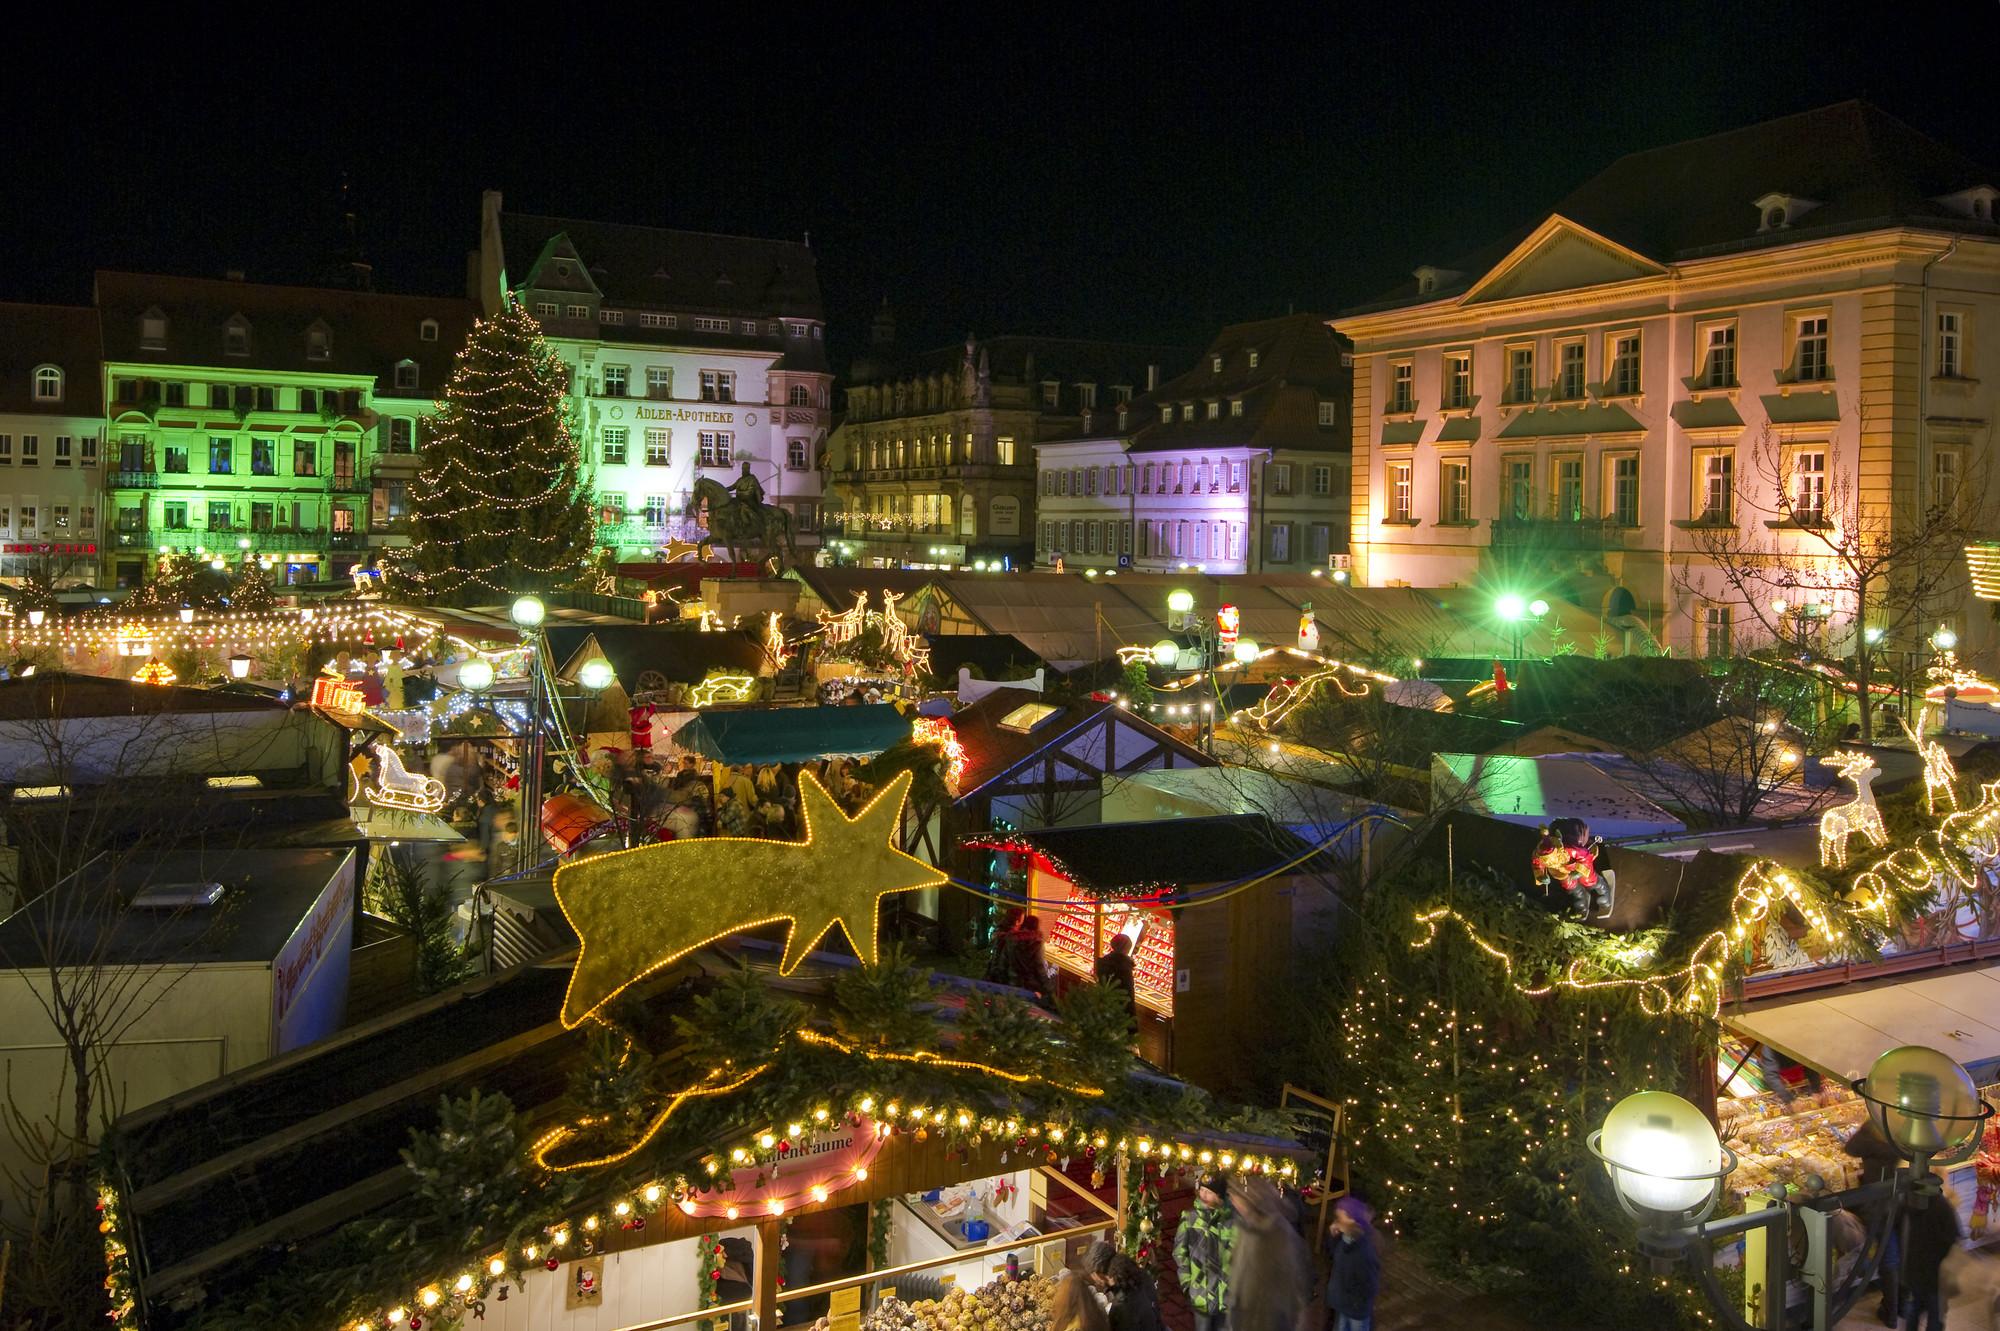 Landau Weihnachtsmarkt.Kunsthandwerklicher Thomas Nast Nikolausmarkt Suedliche